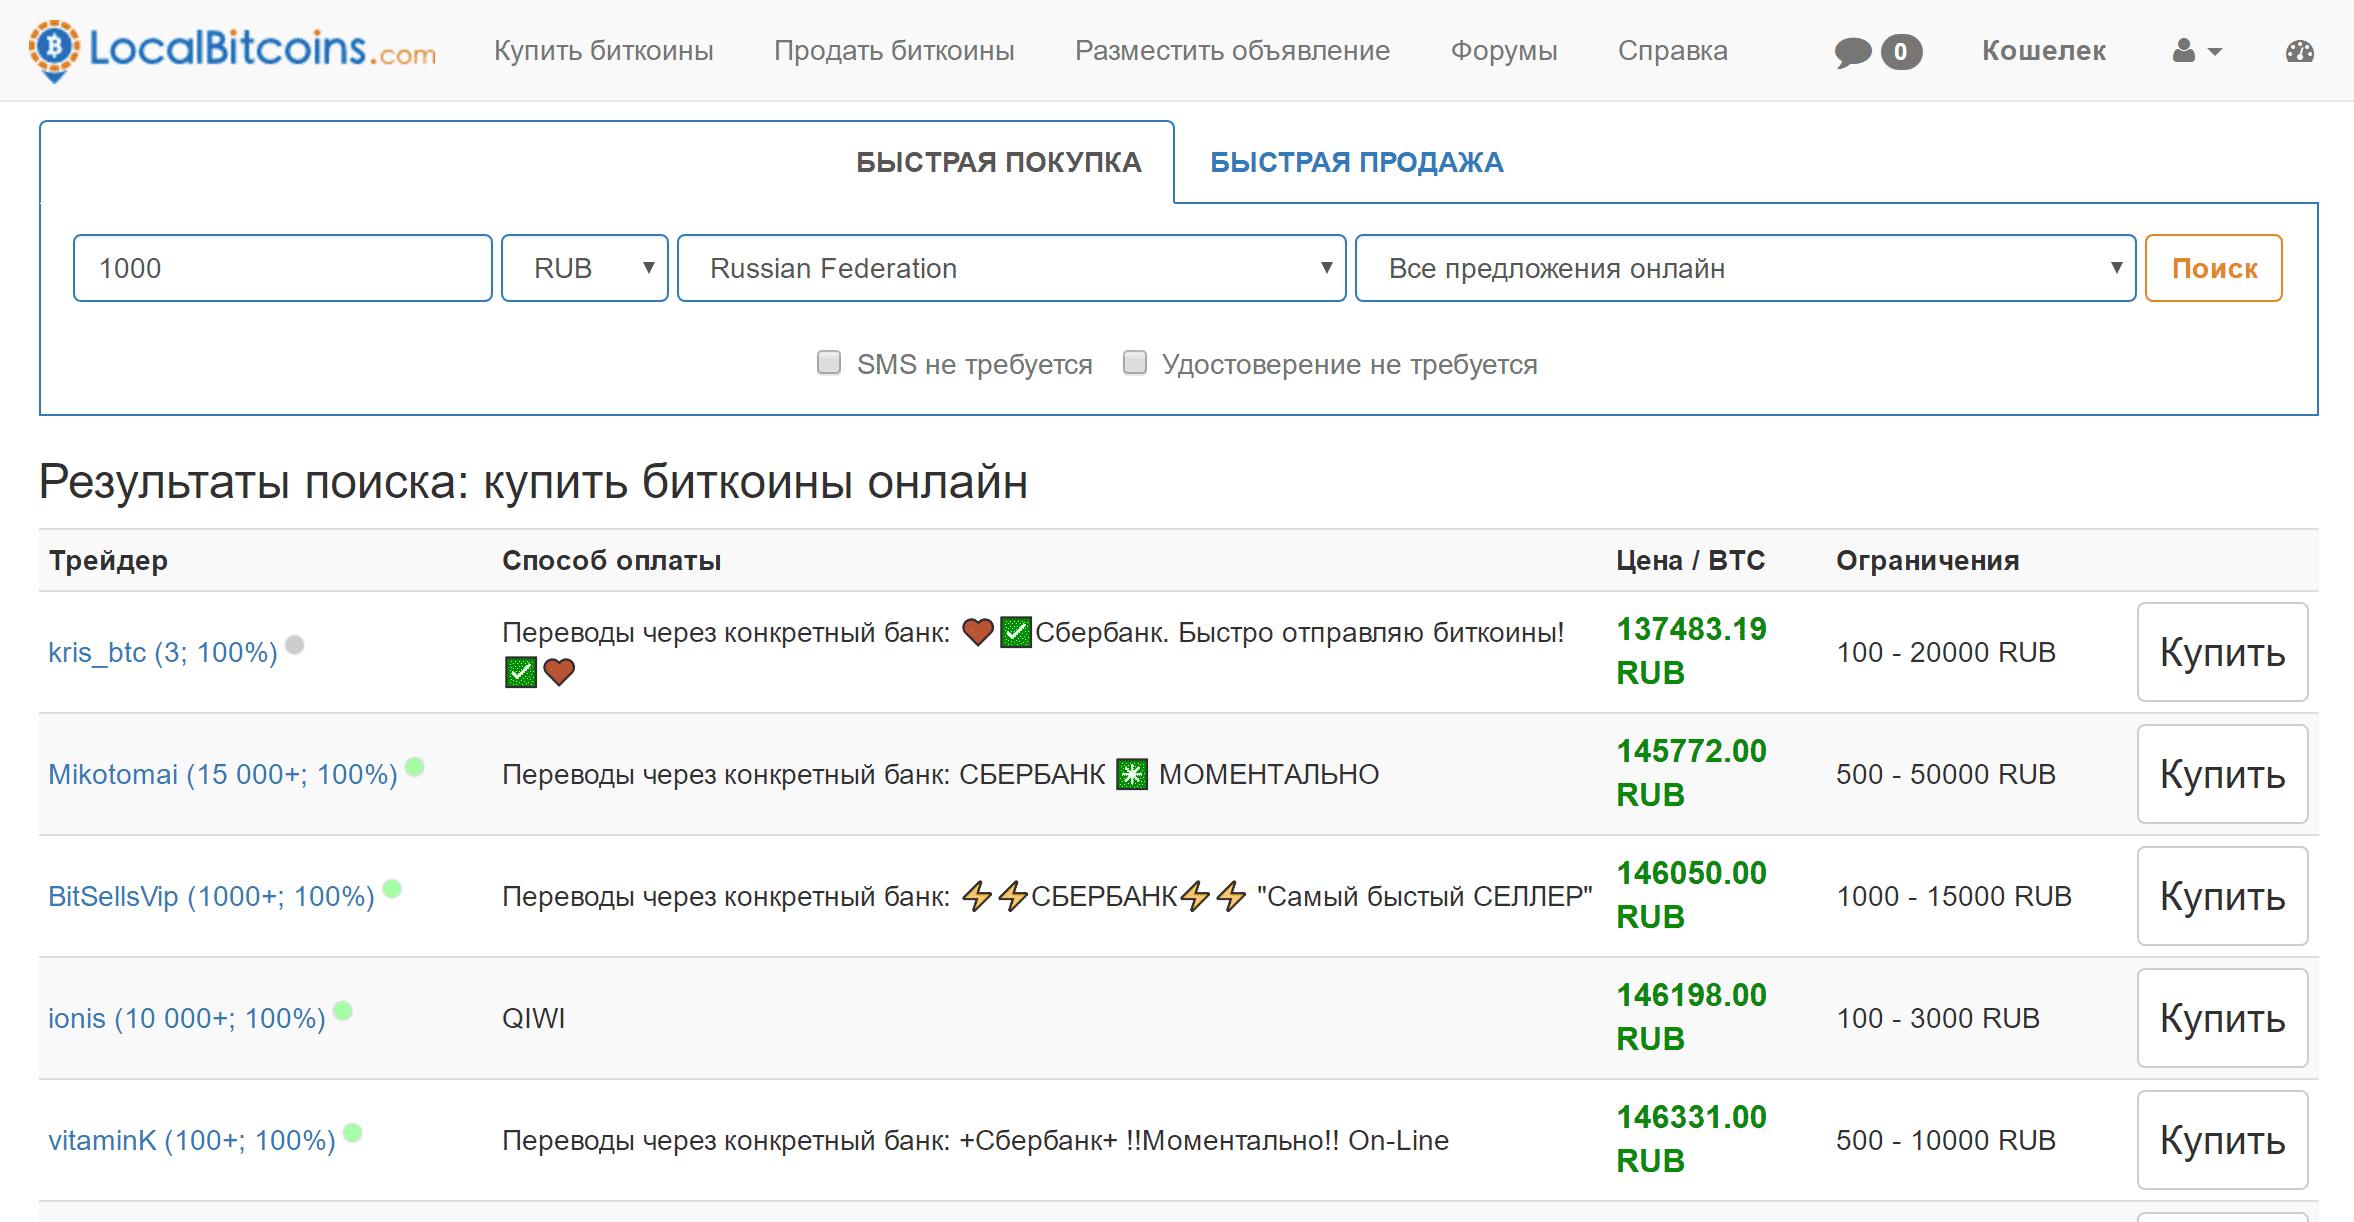 lehet-e egy hónap alatt bitcoinokat keresni?